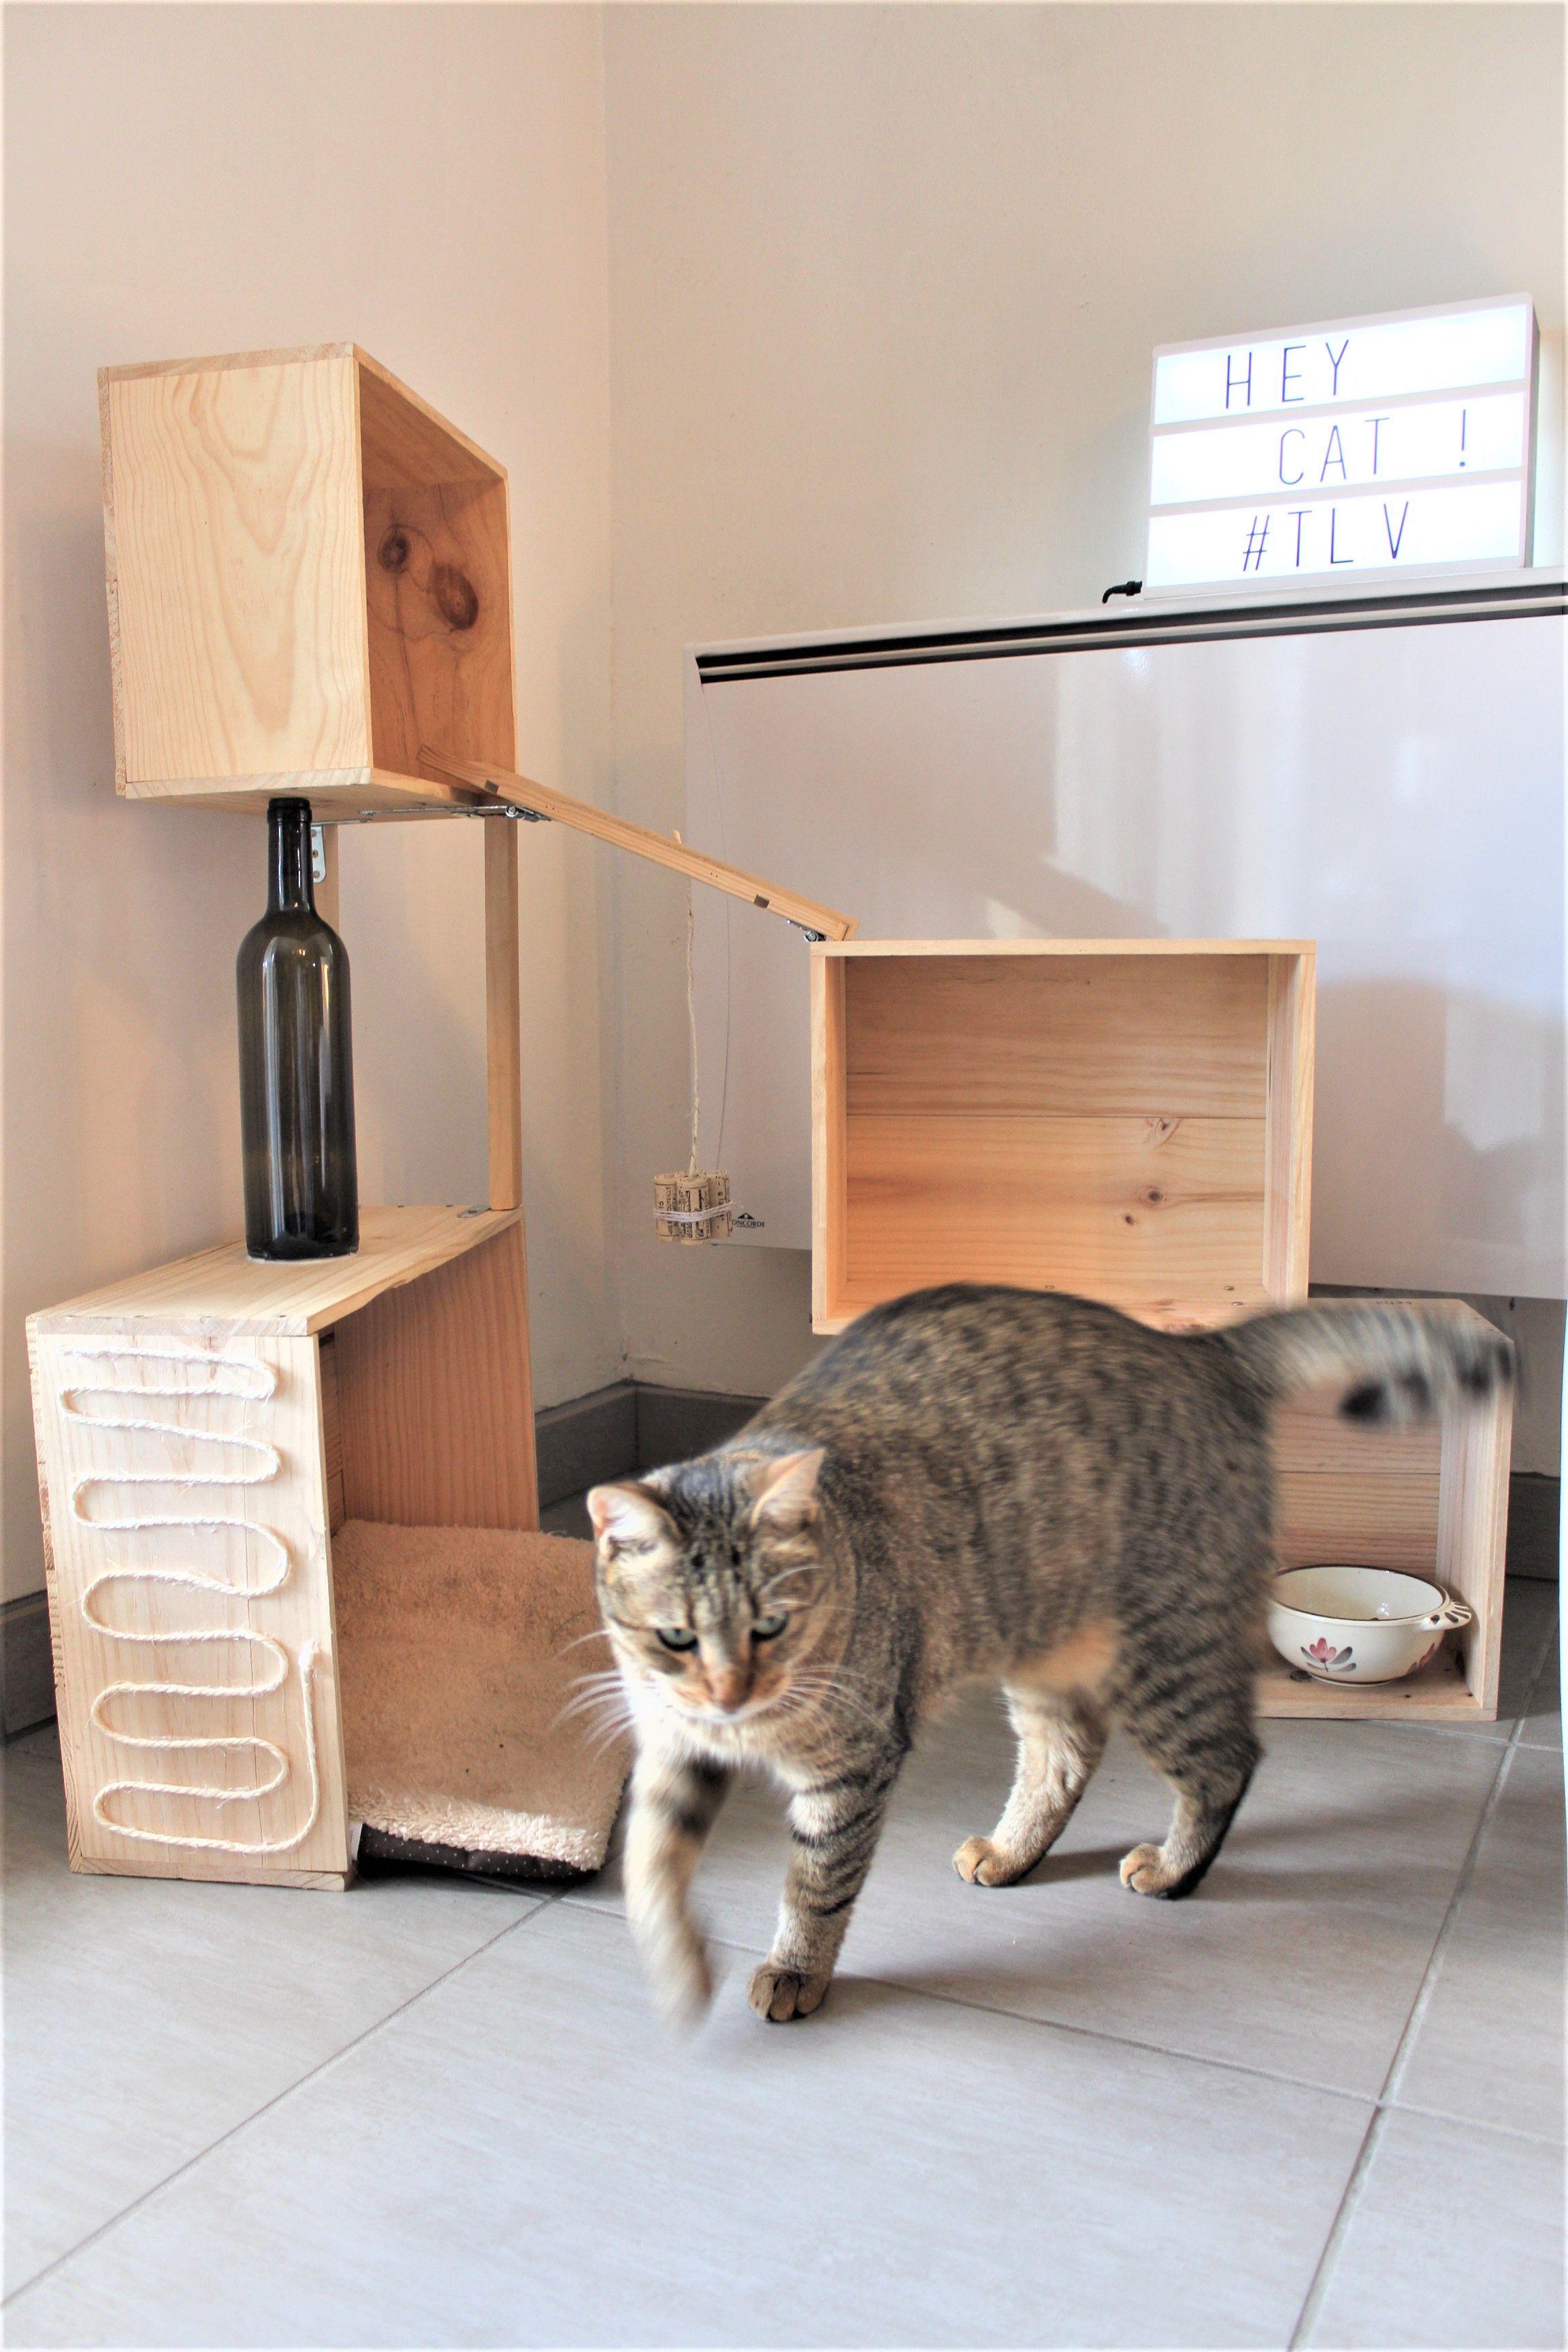 Comment Fabriquer Un Arbre À Chat cat toy tree arbre chat diy wine box wood caisse vin bois